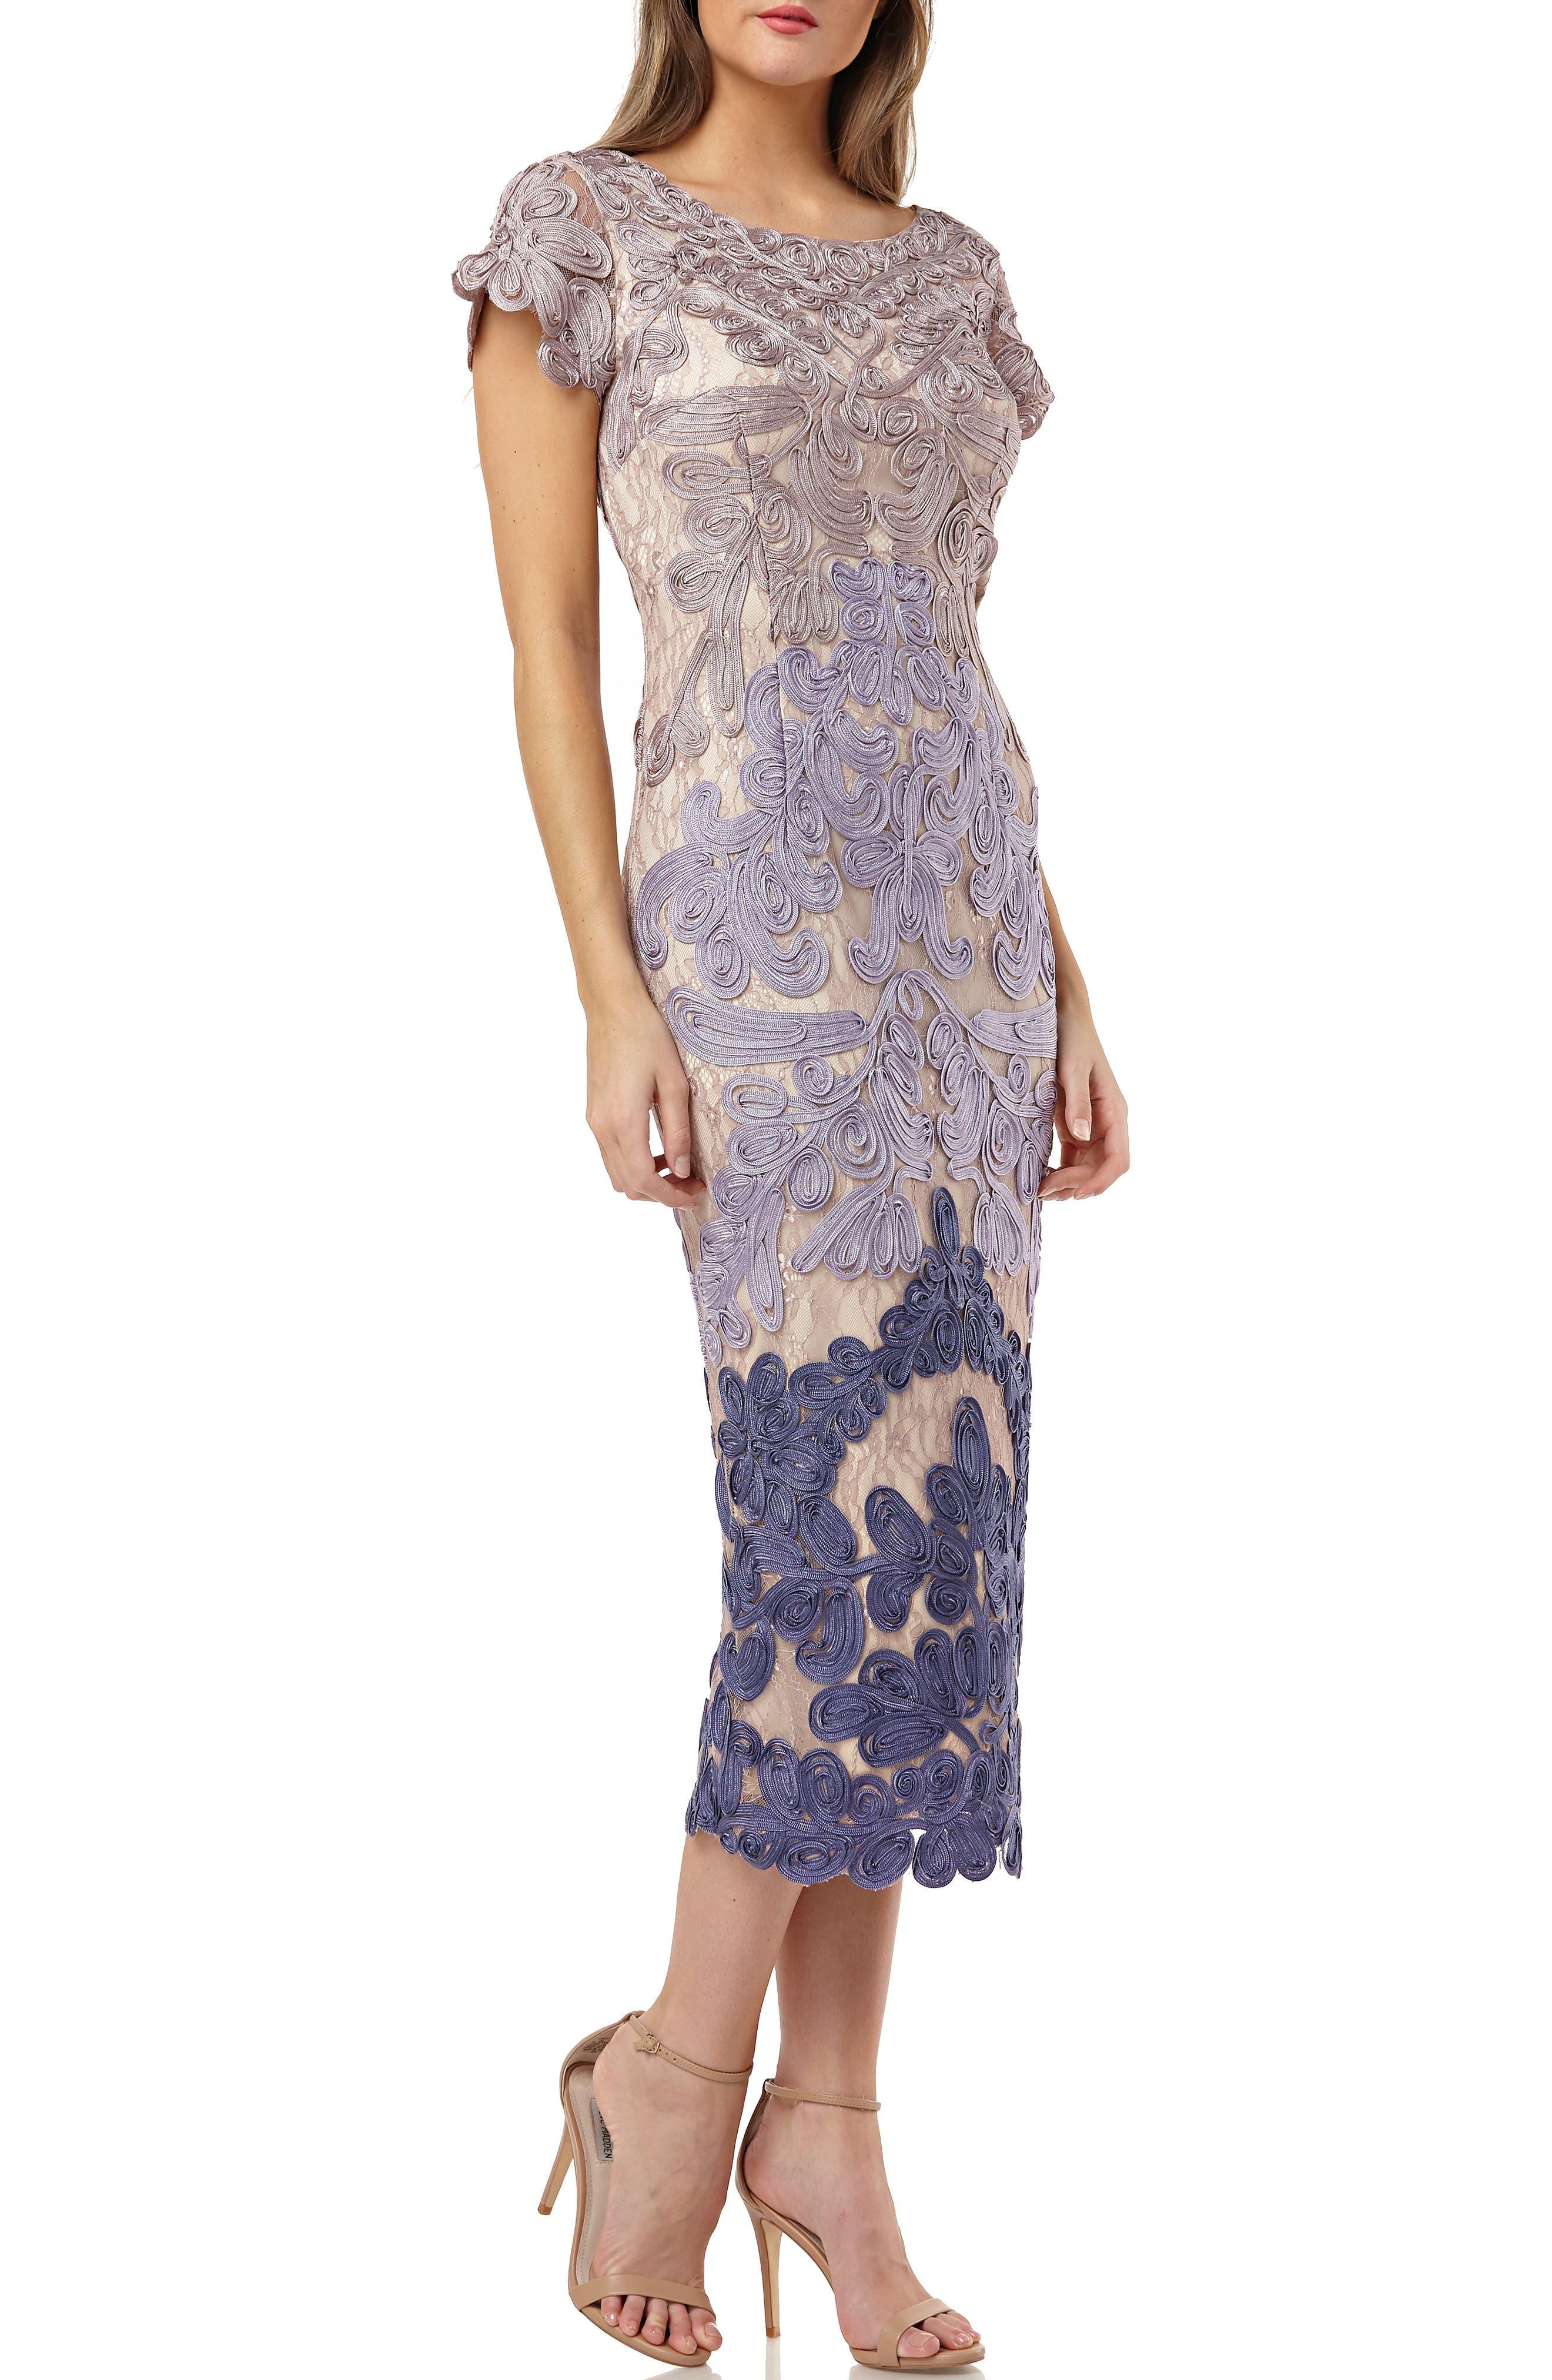 Js Collections Soutache Lace Midi Dress, Beige